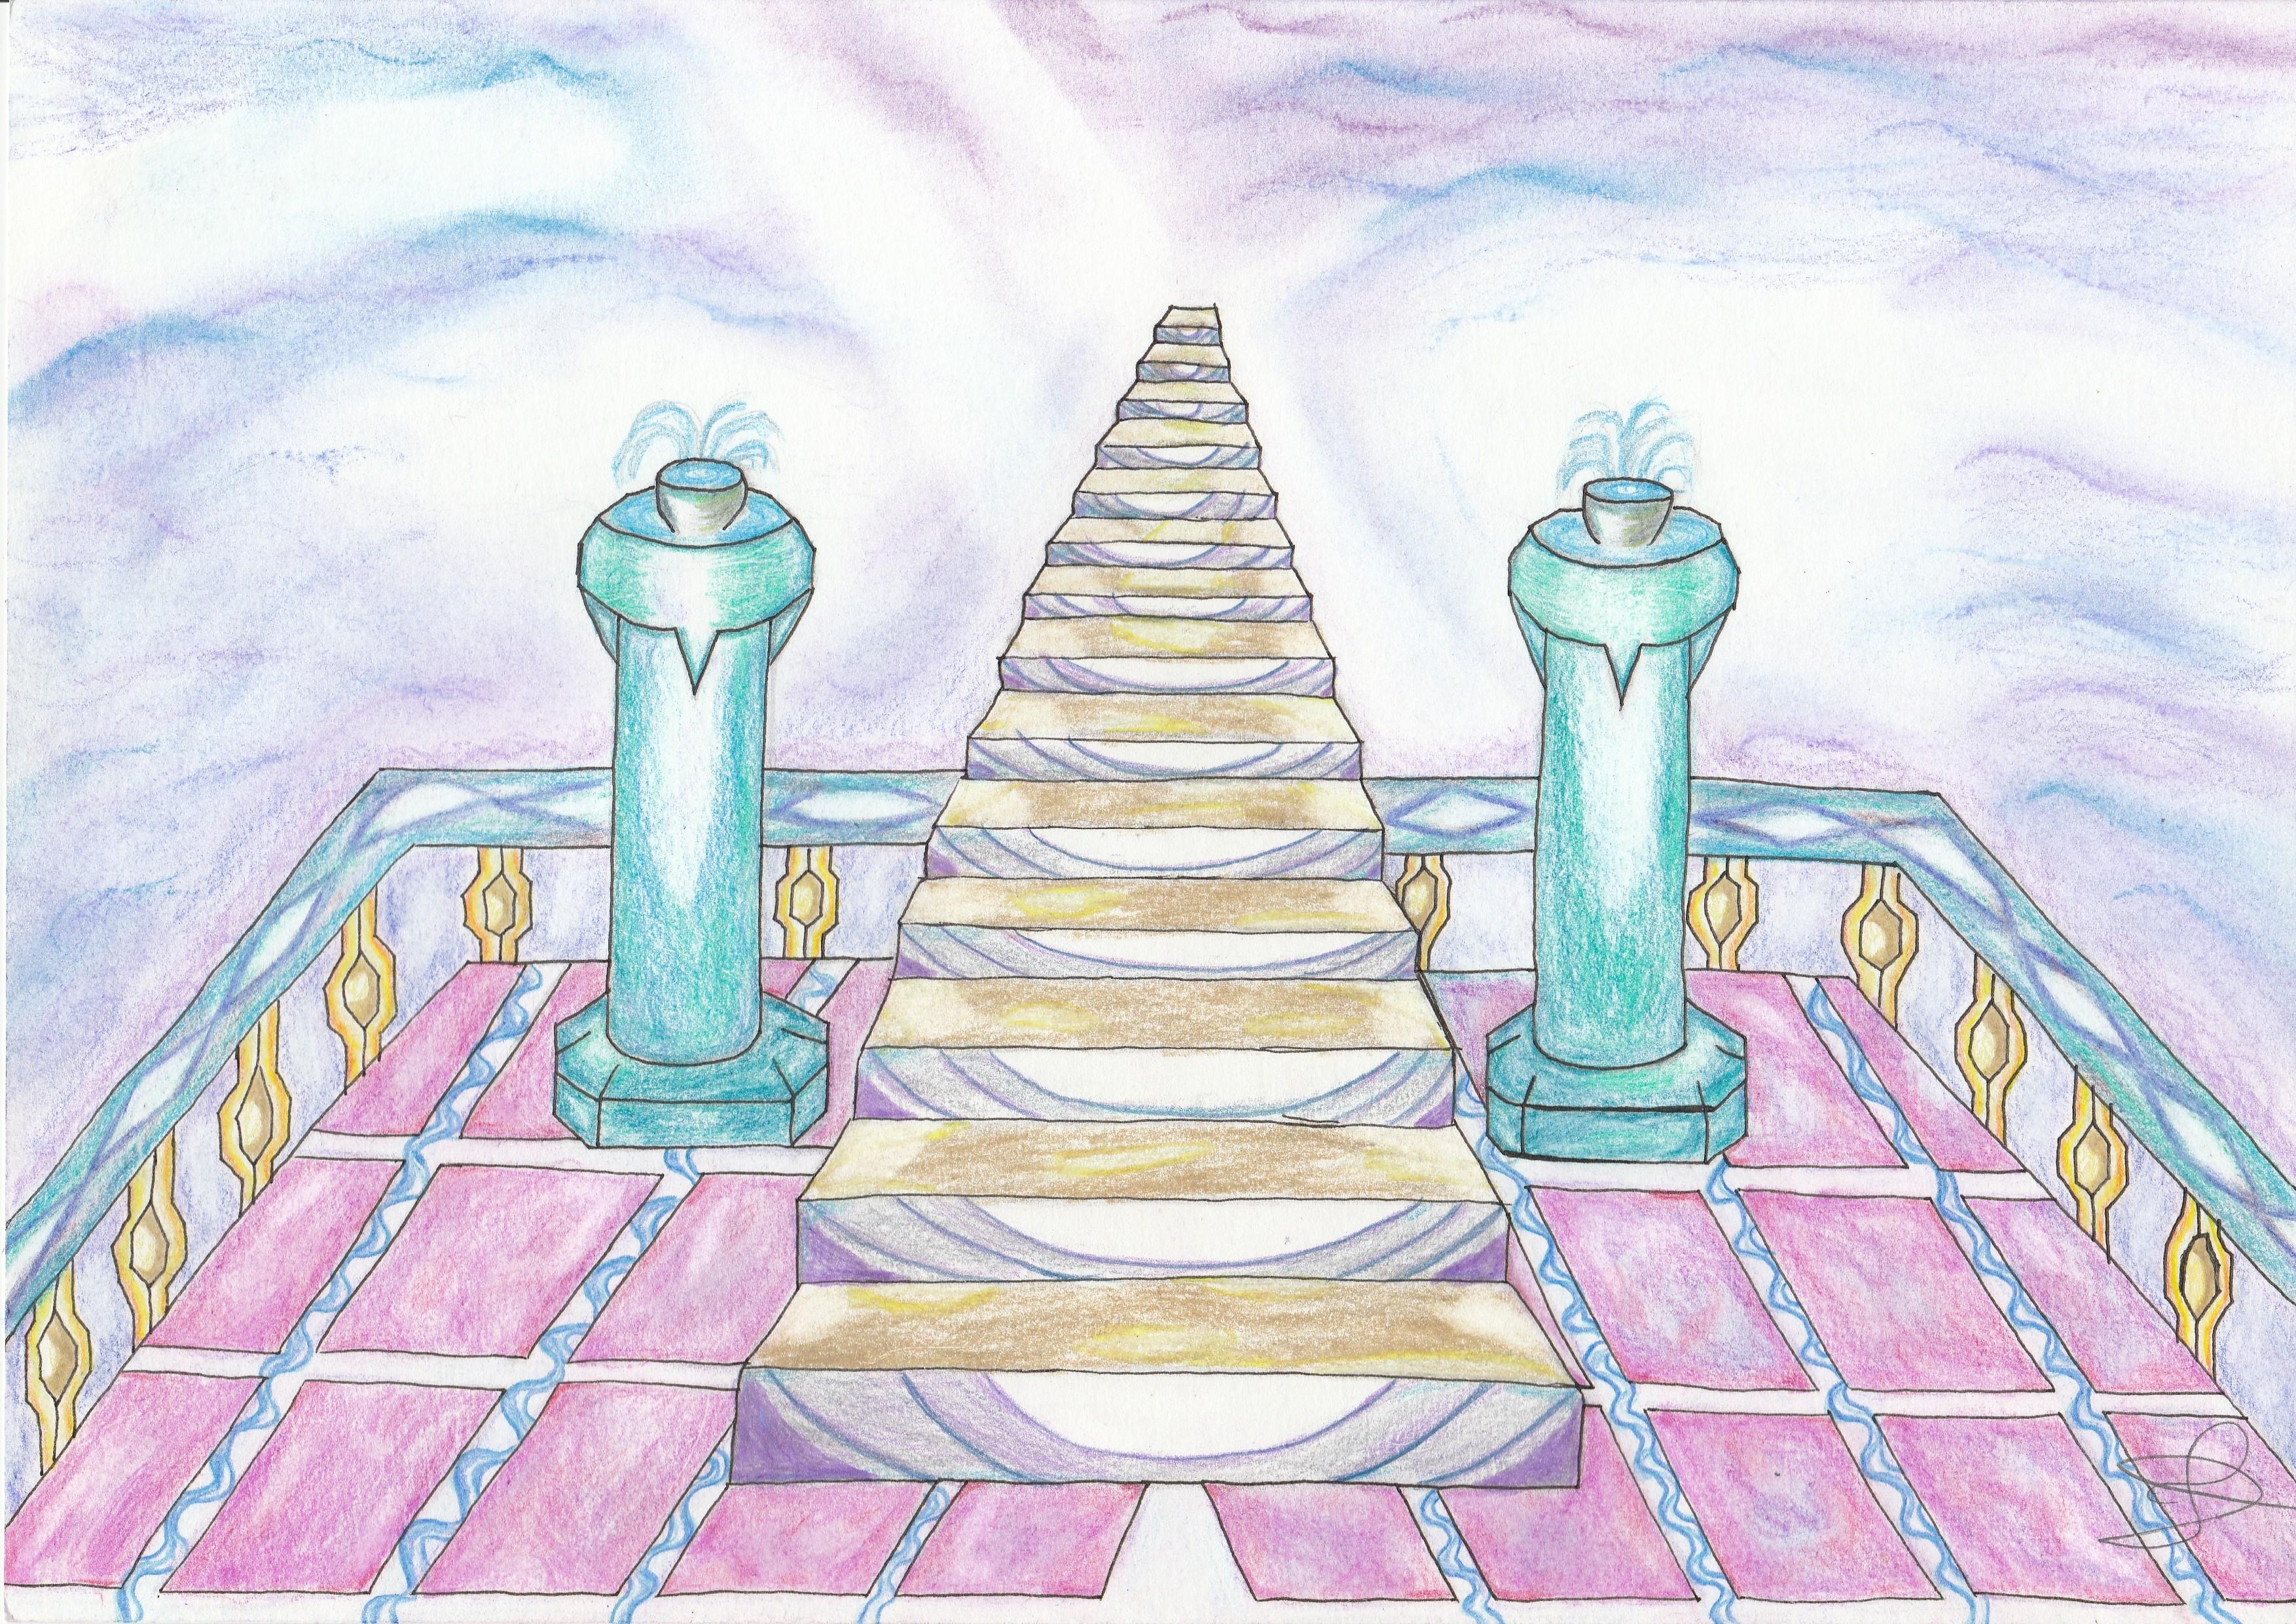 Dessin L'Ascension du Paradis de Nimimura